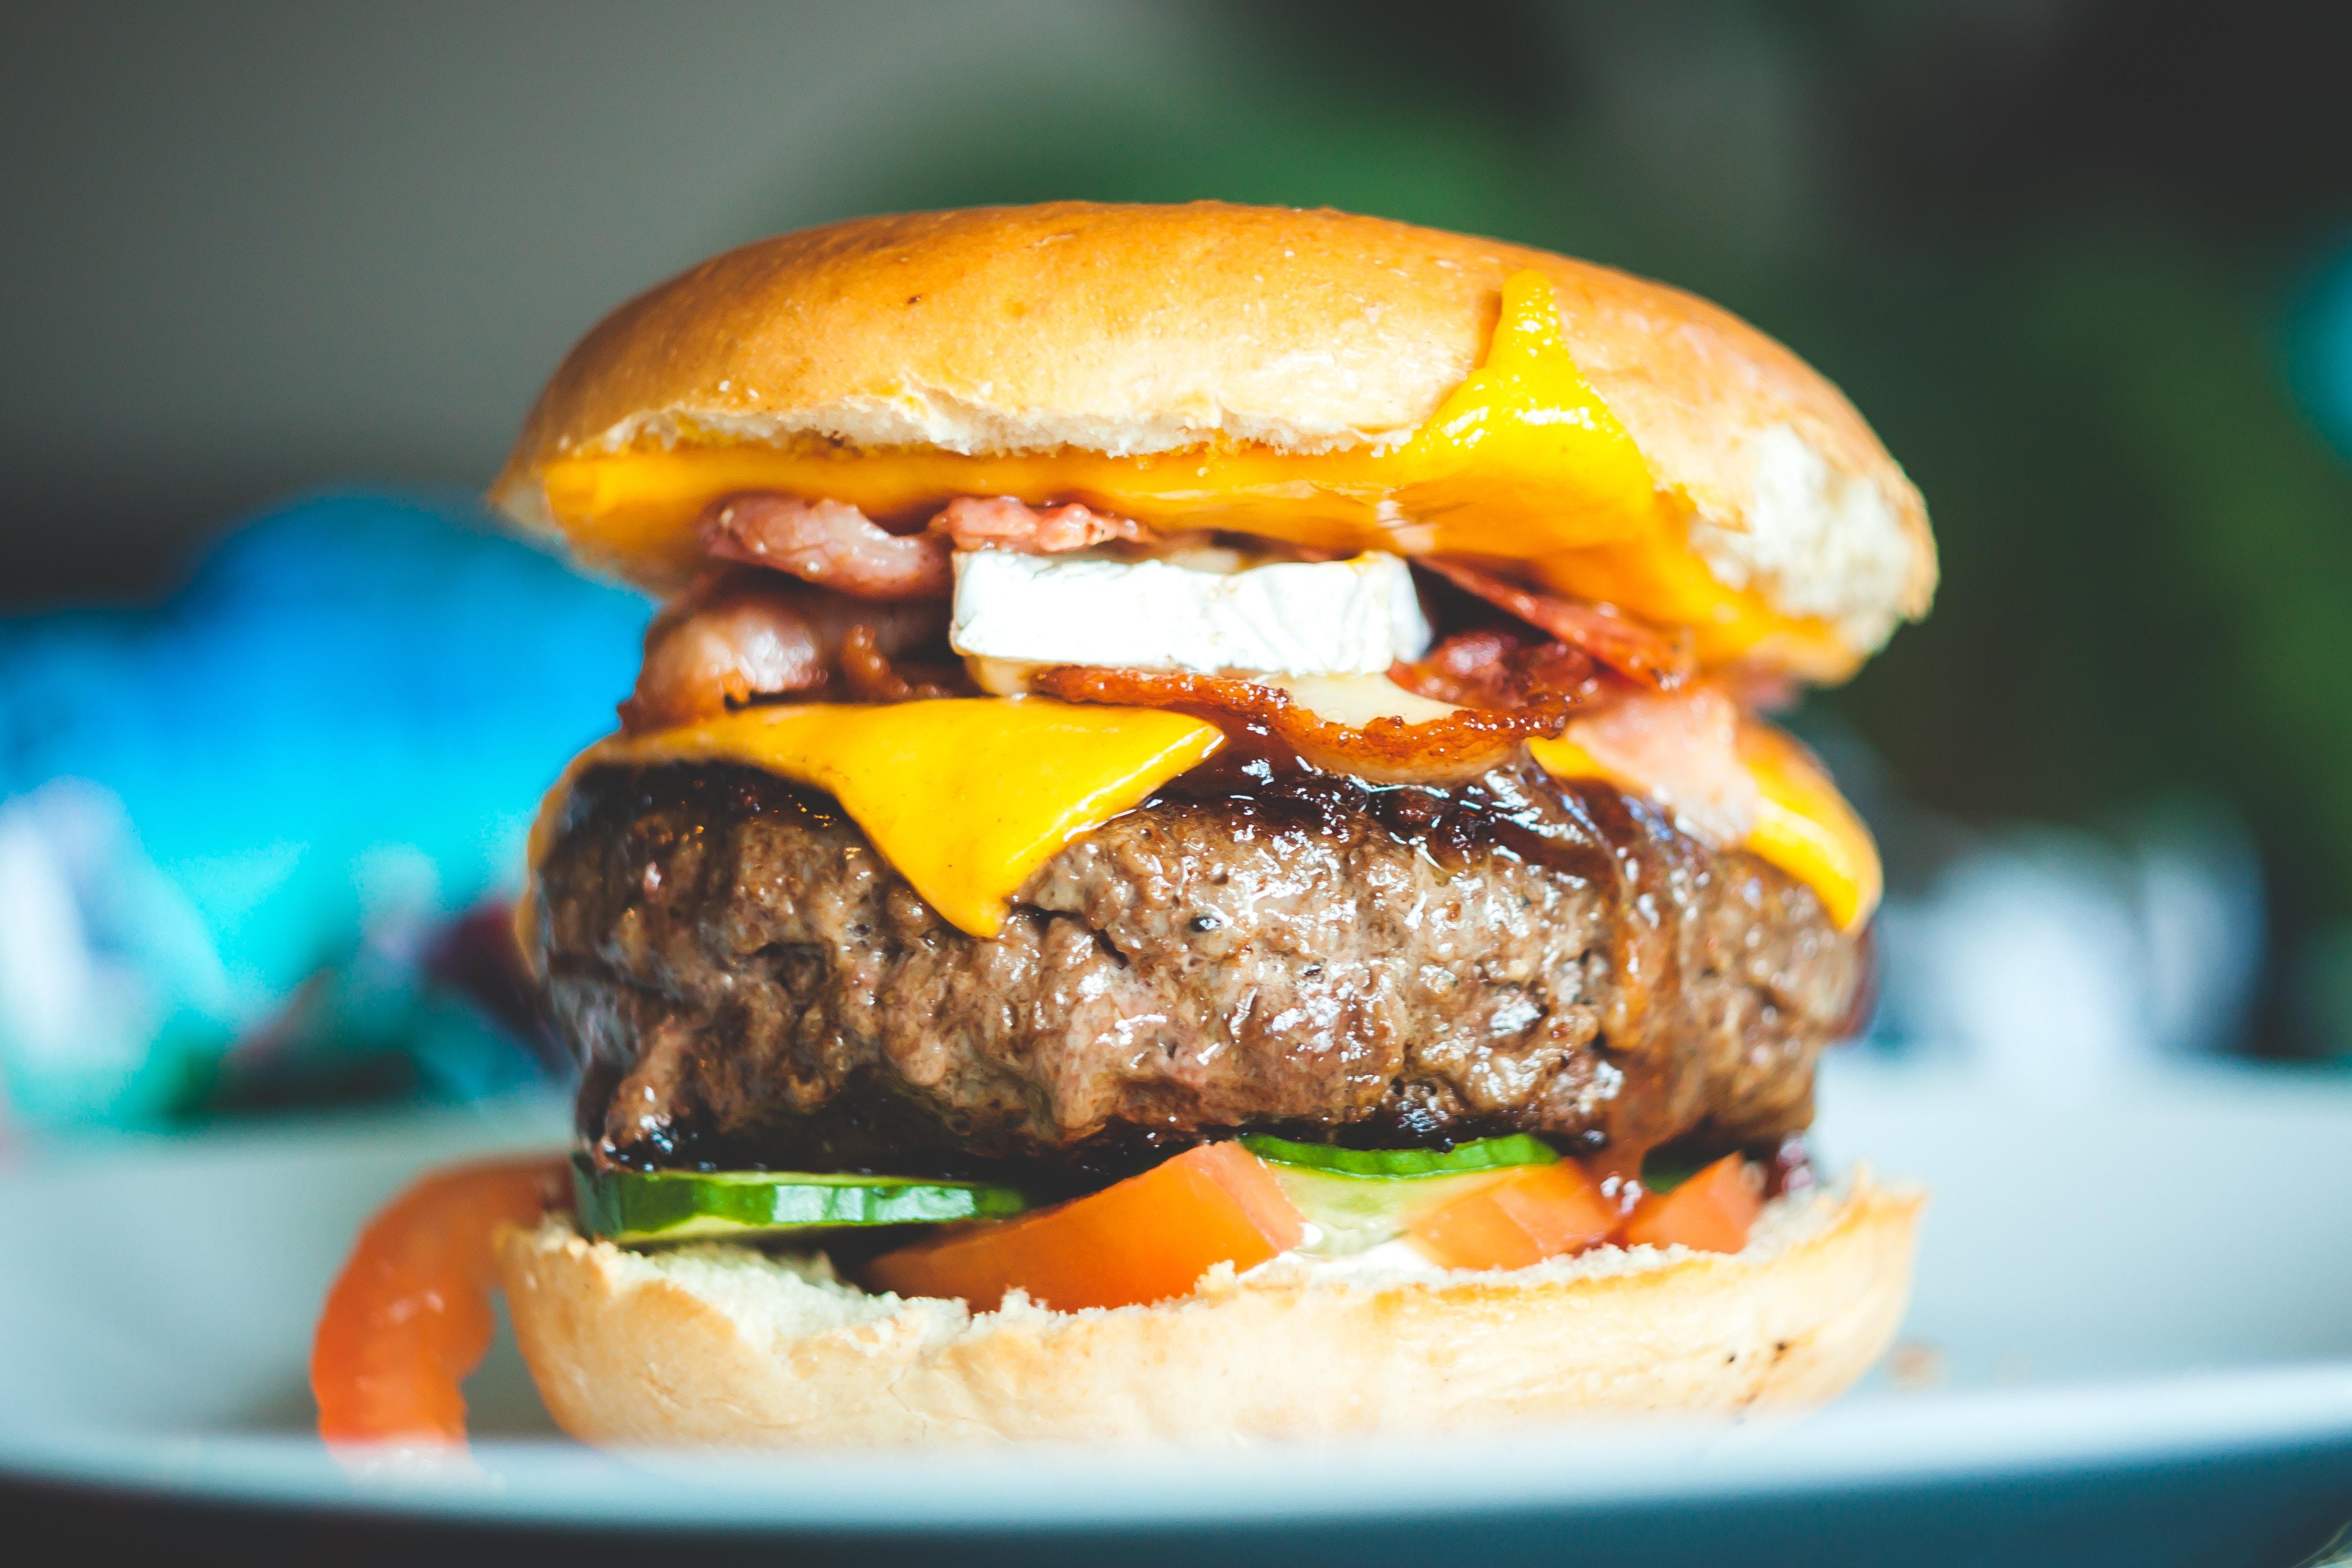 ビンゴバーガーのハンバーガーの大きさに驚愕!道の駅で人気のグルメに迫る!